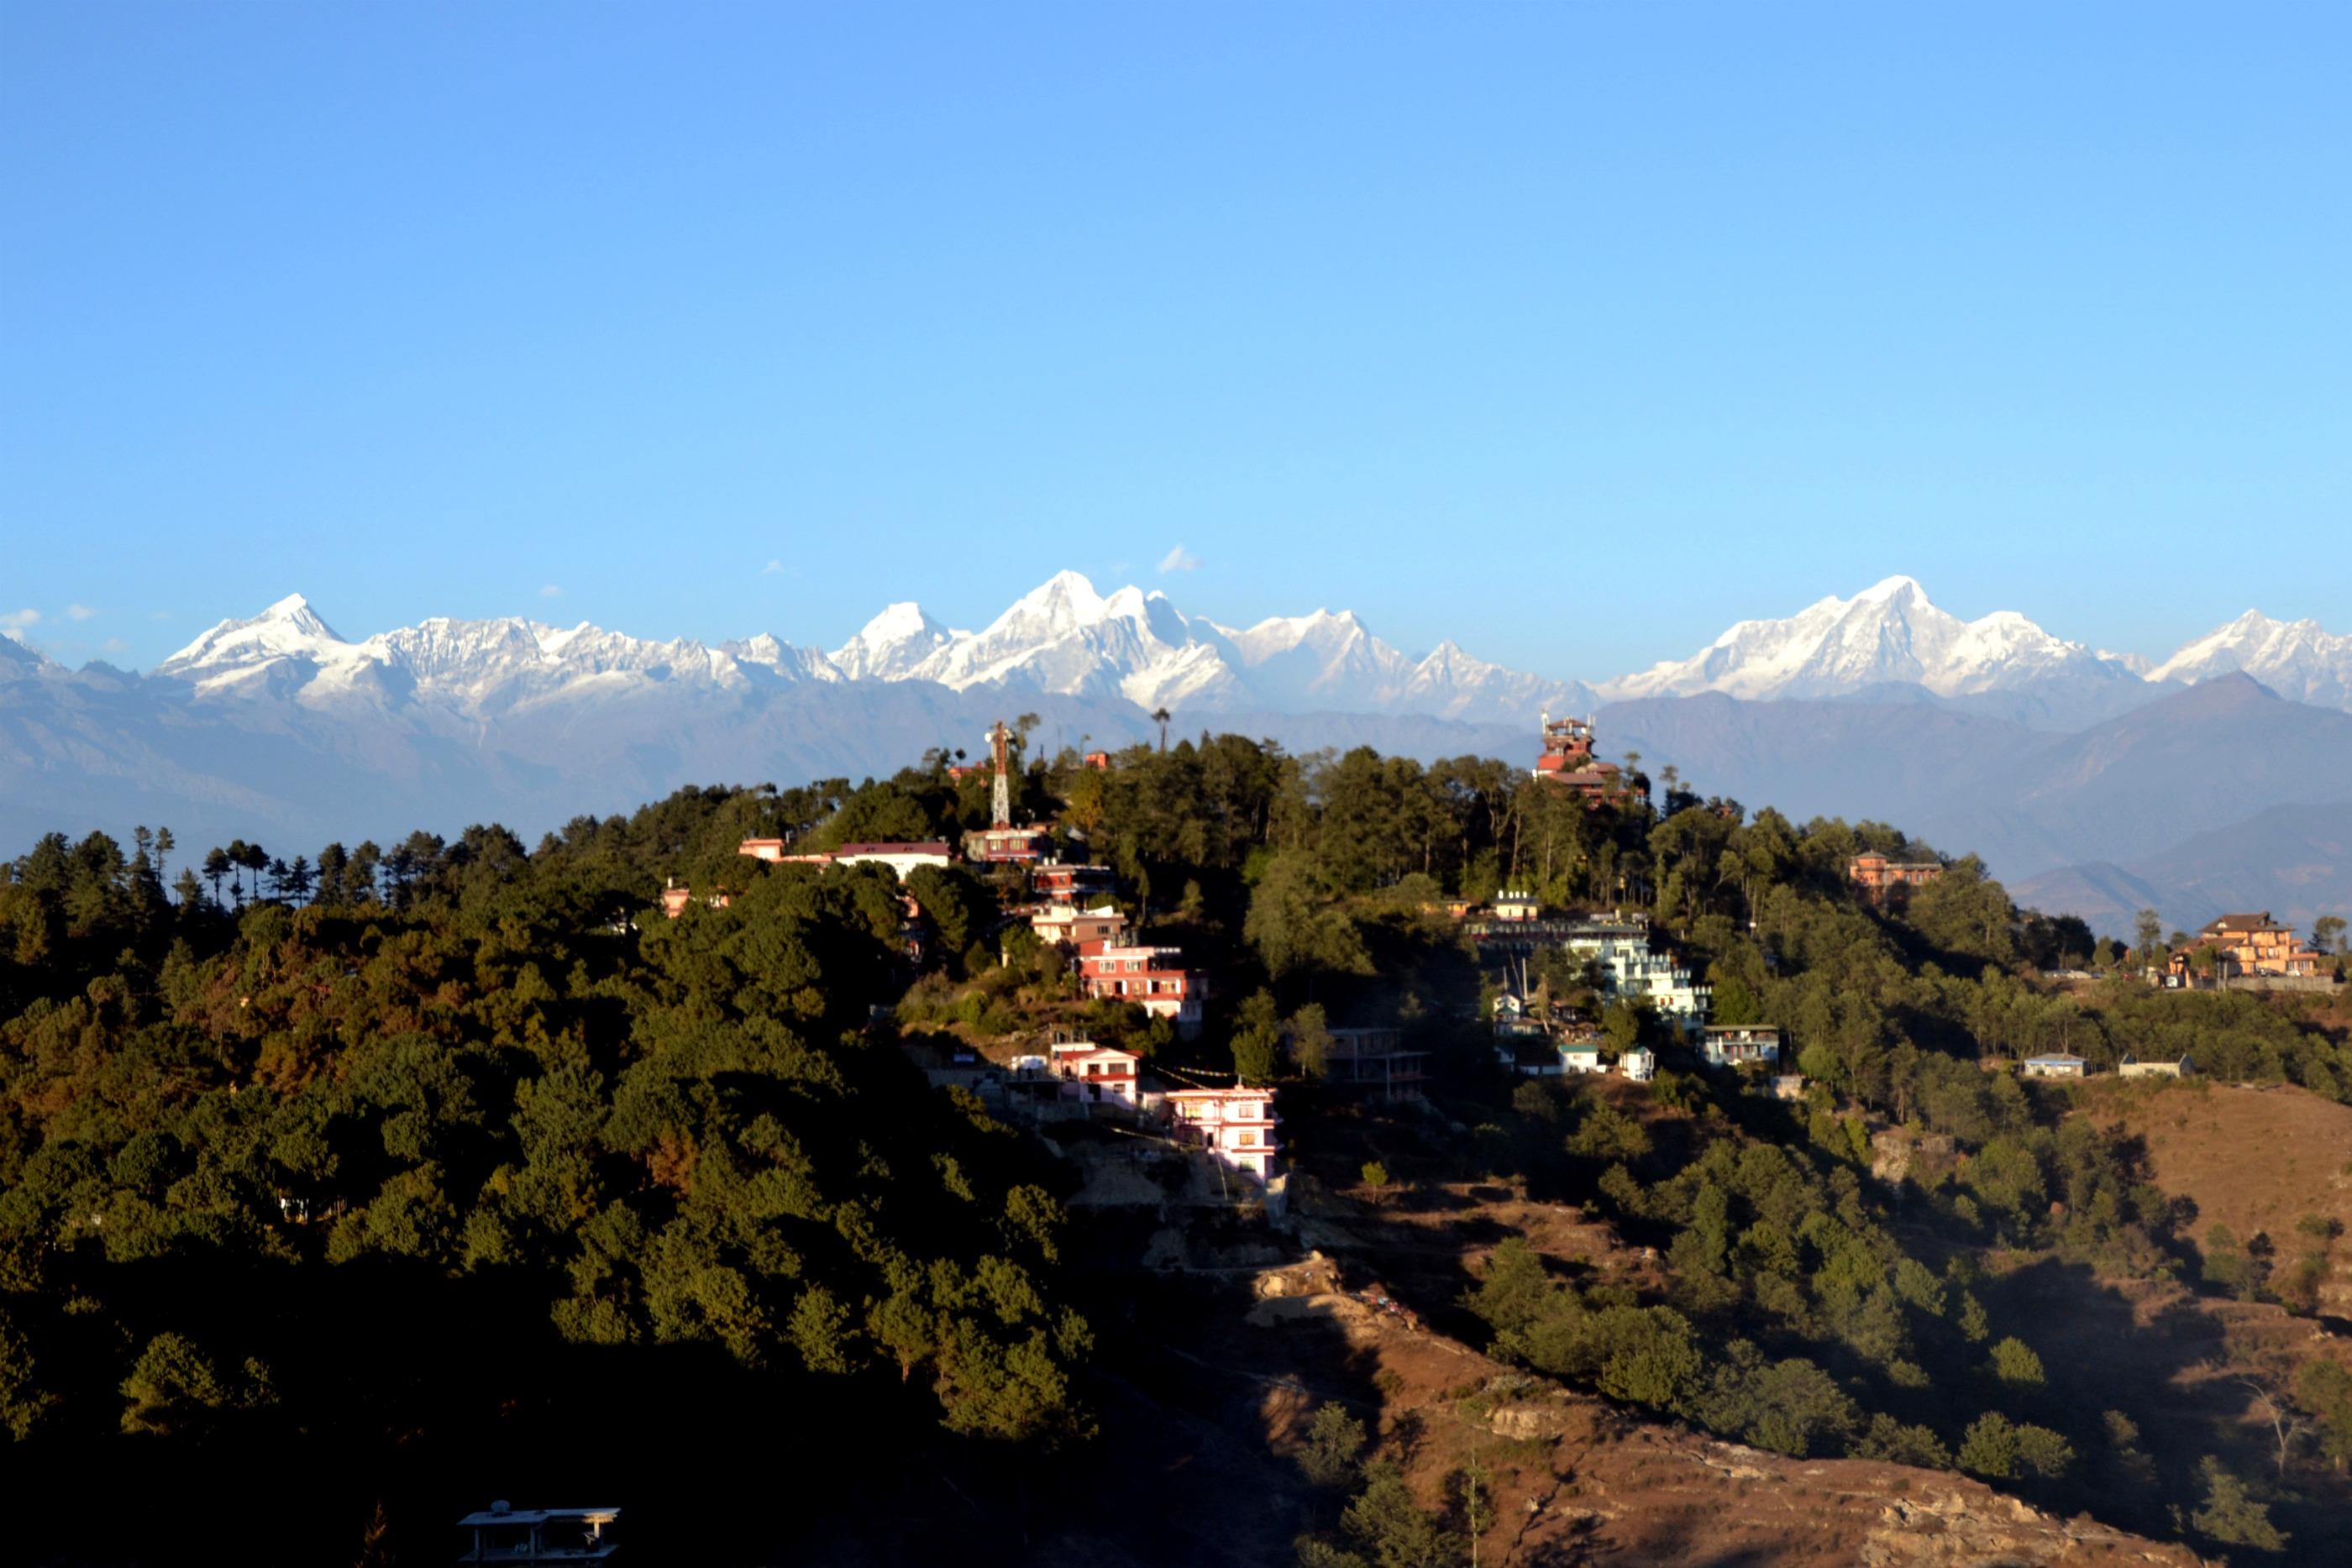 Shivapuri Trekking-Nagarkot-Dhulikhel to Panauti – 9 Days